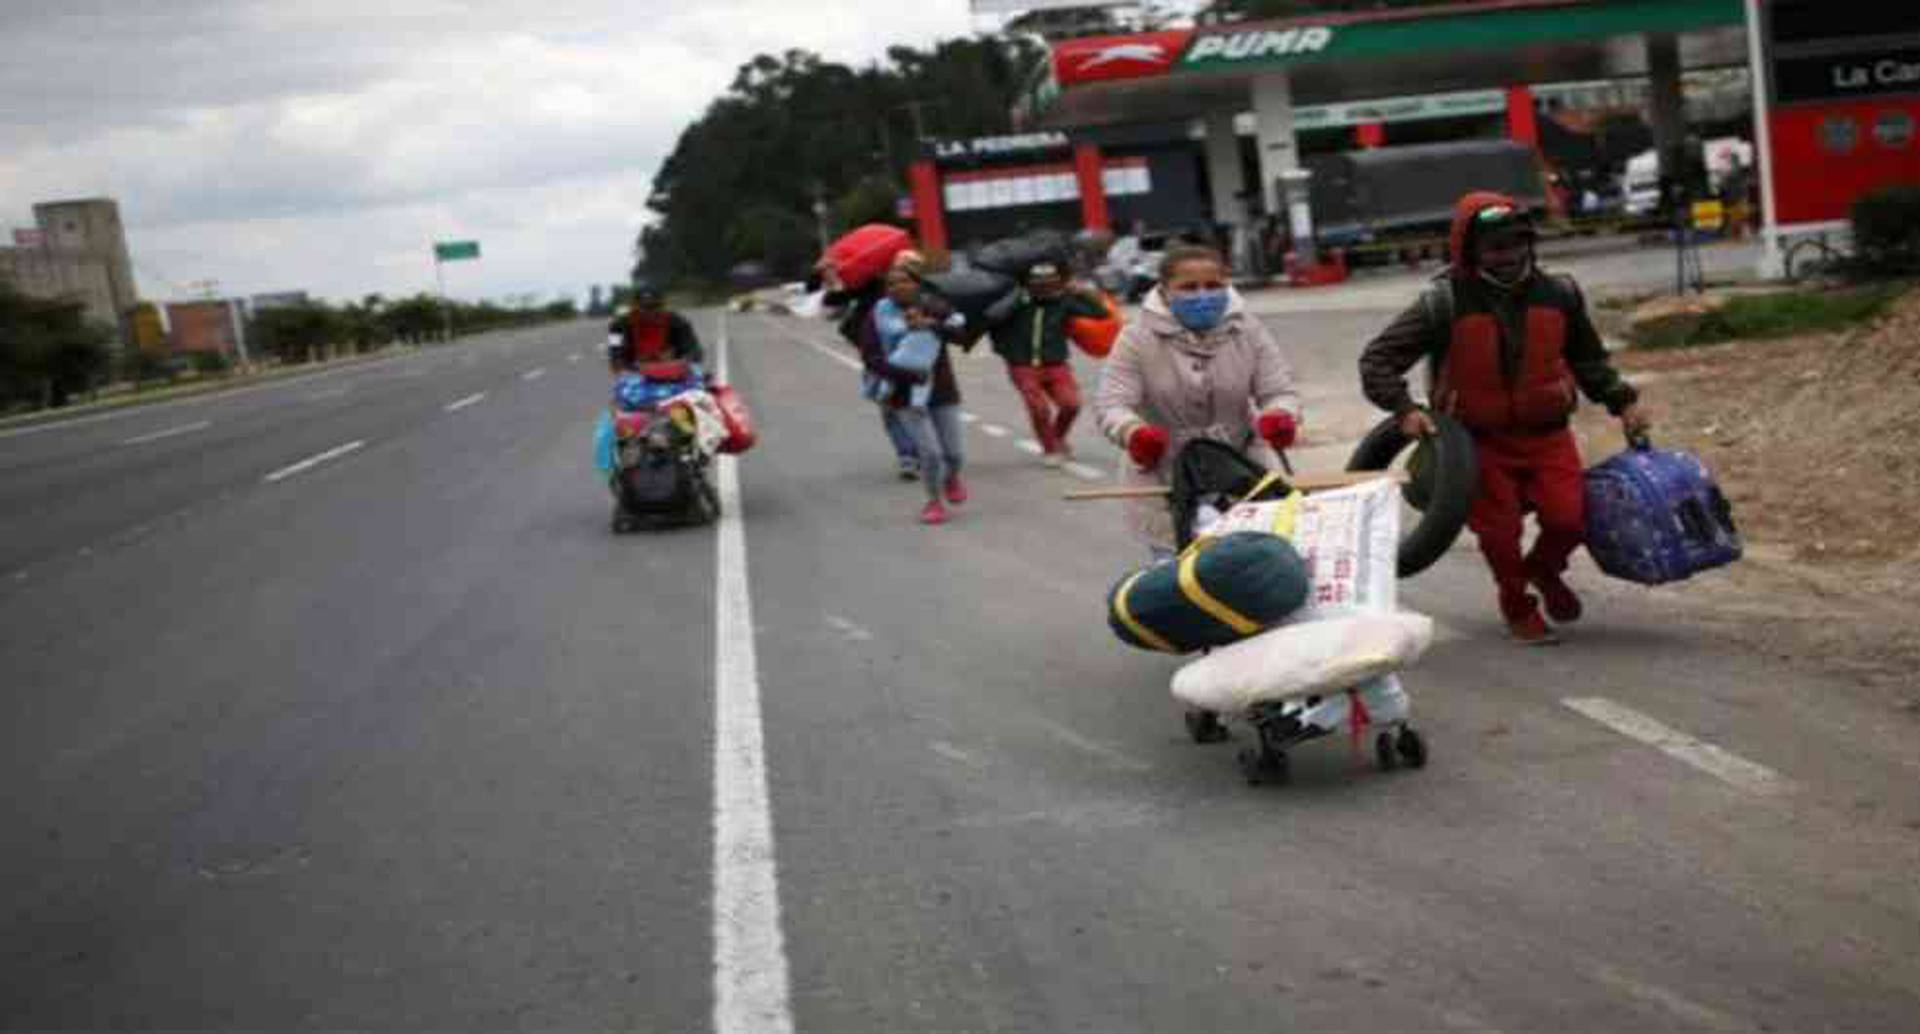 Los venezolanos huyen de su país en busca de mejores condiciones de vida.